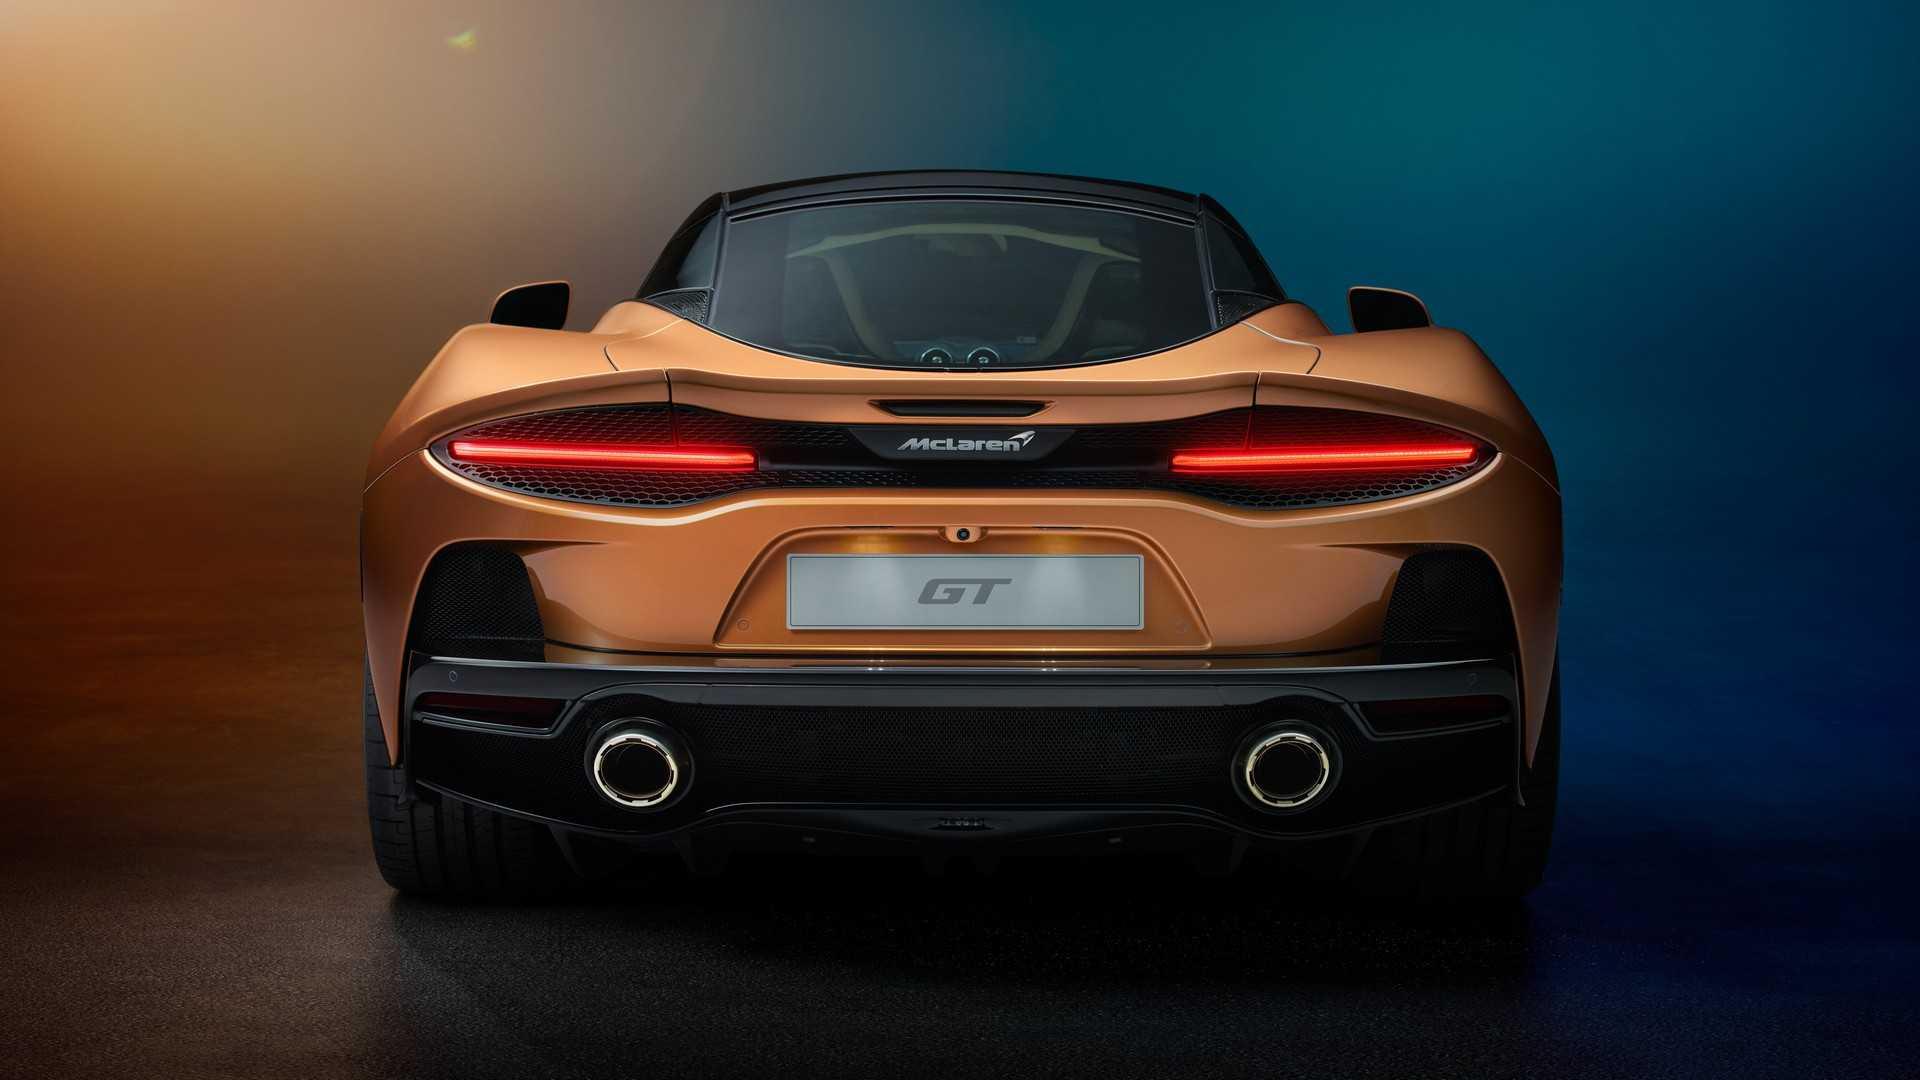 2020 McLaren GT Rear Wallpapers (14)